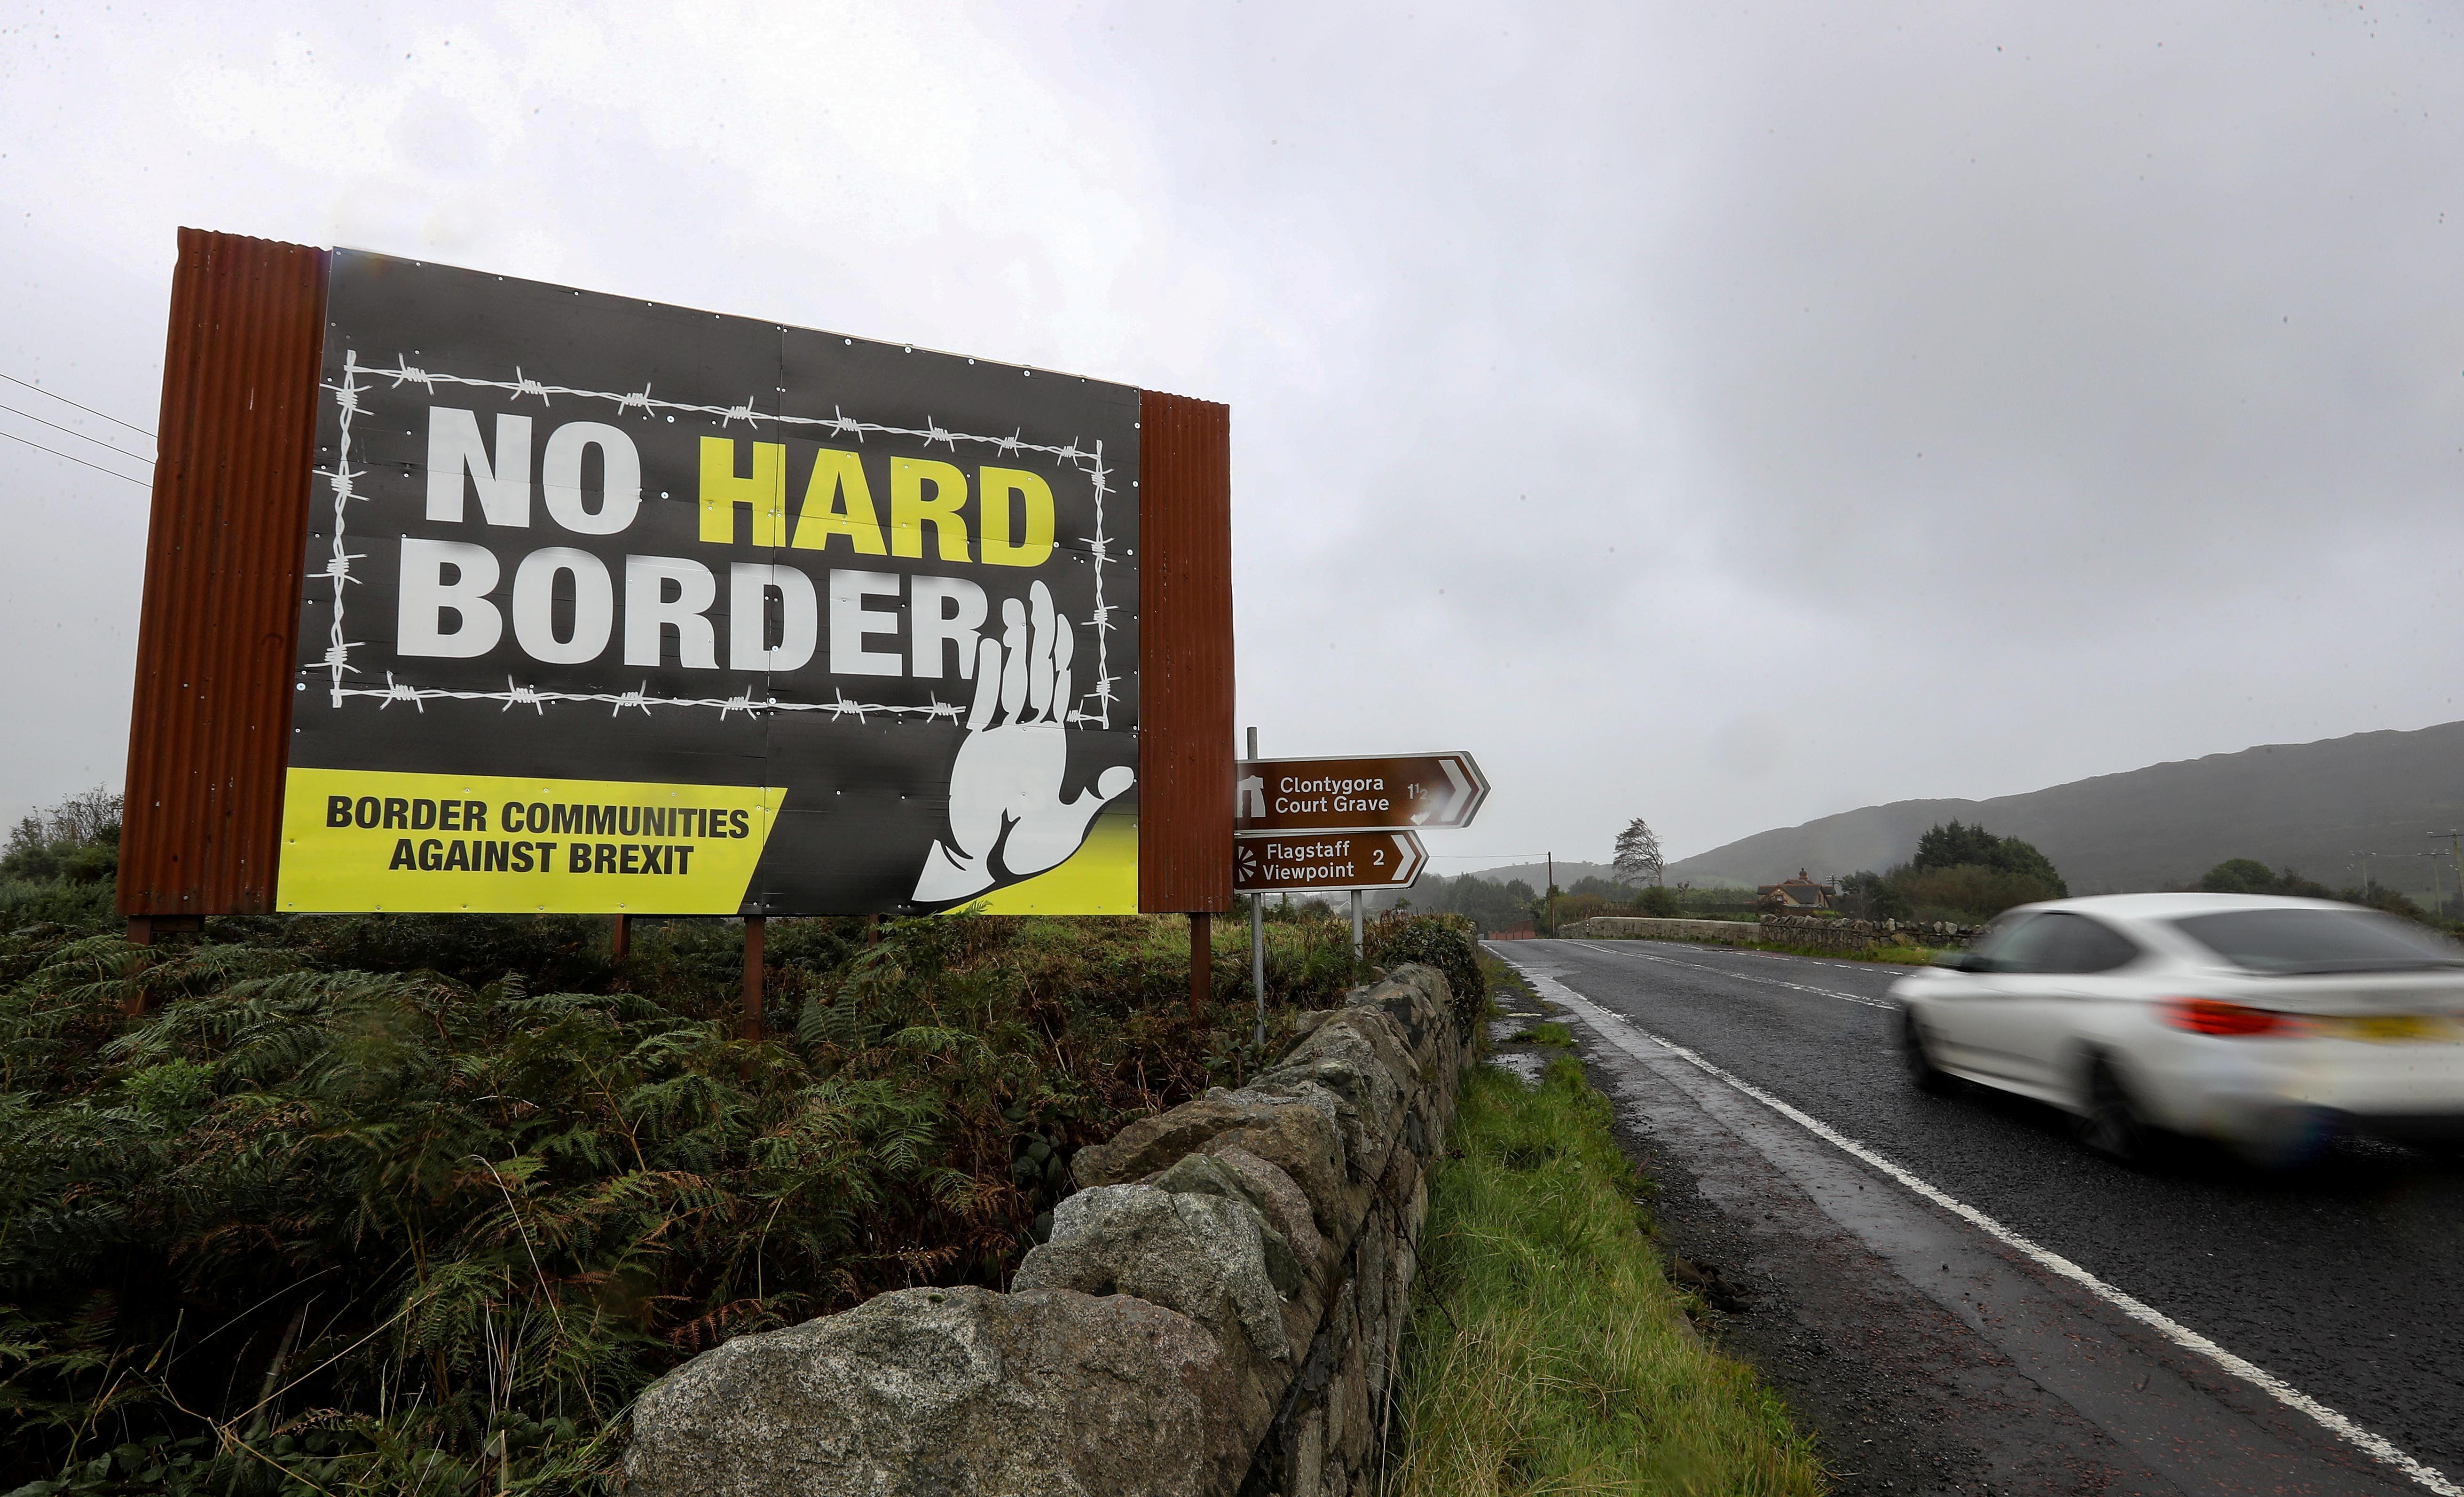 UK border risks snarl up in no-deal Brexit: audit office